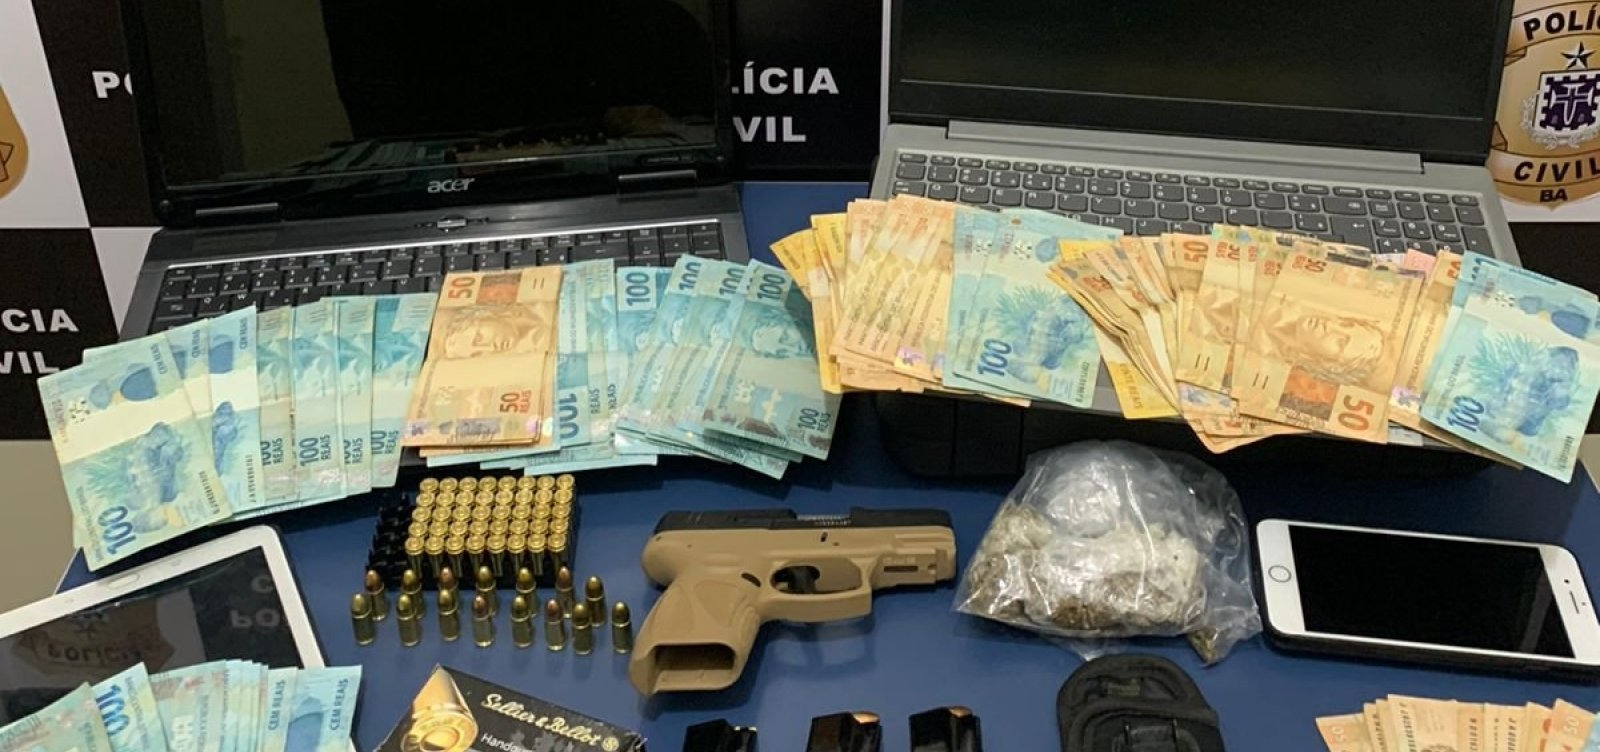 Polícia encontra suspeito de tráfico com dinheiro e arma em casa